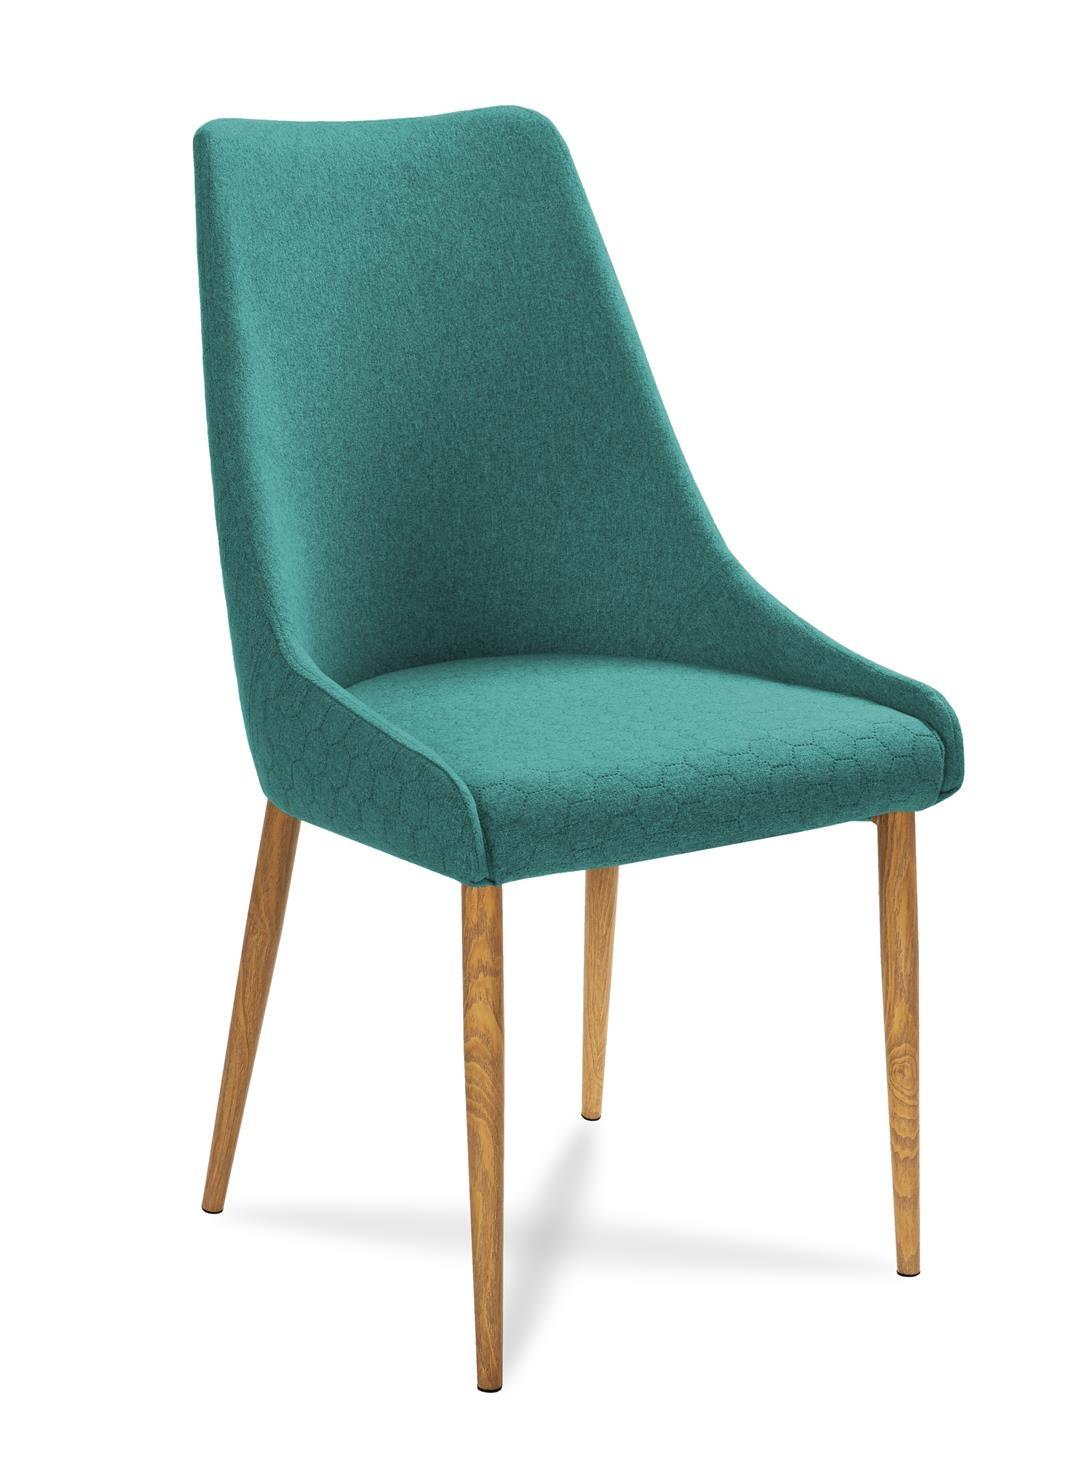 Scaun tapitat cu stofa, cu picioare din lemn Olivier Turquoise / Oak, l48xA55xH99 cm